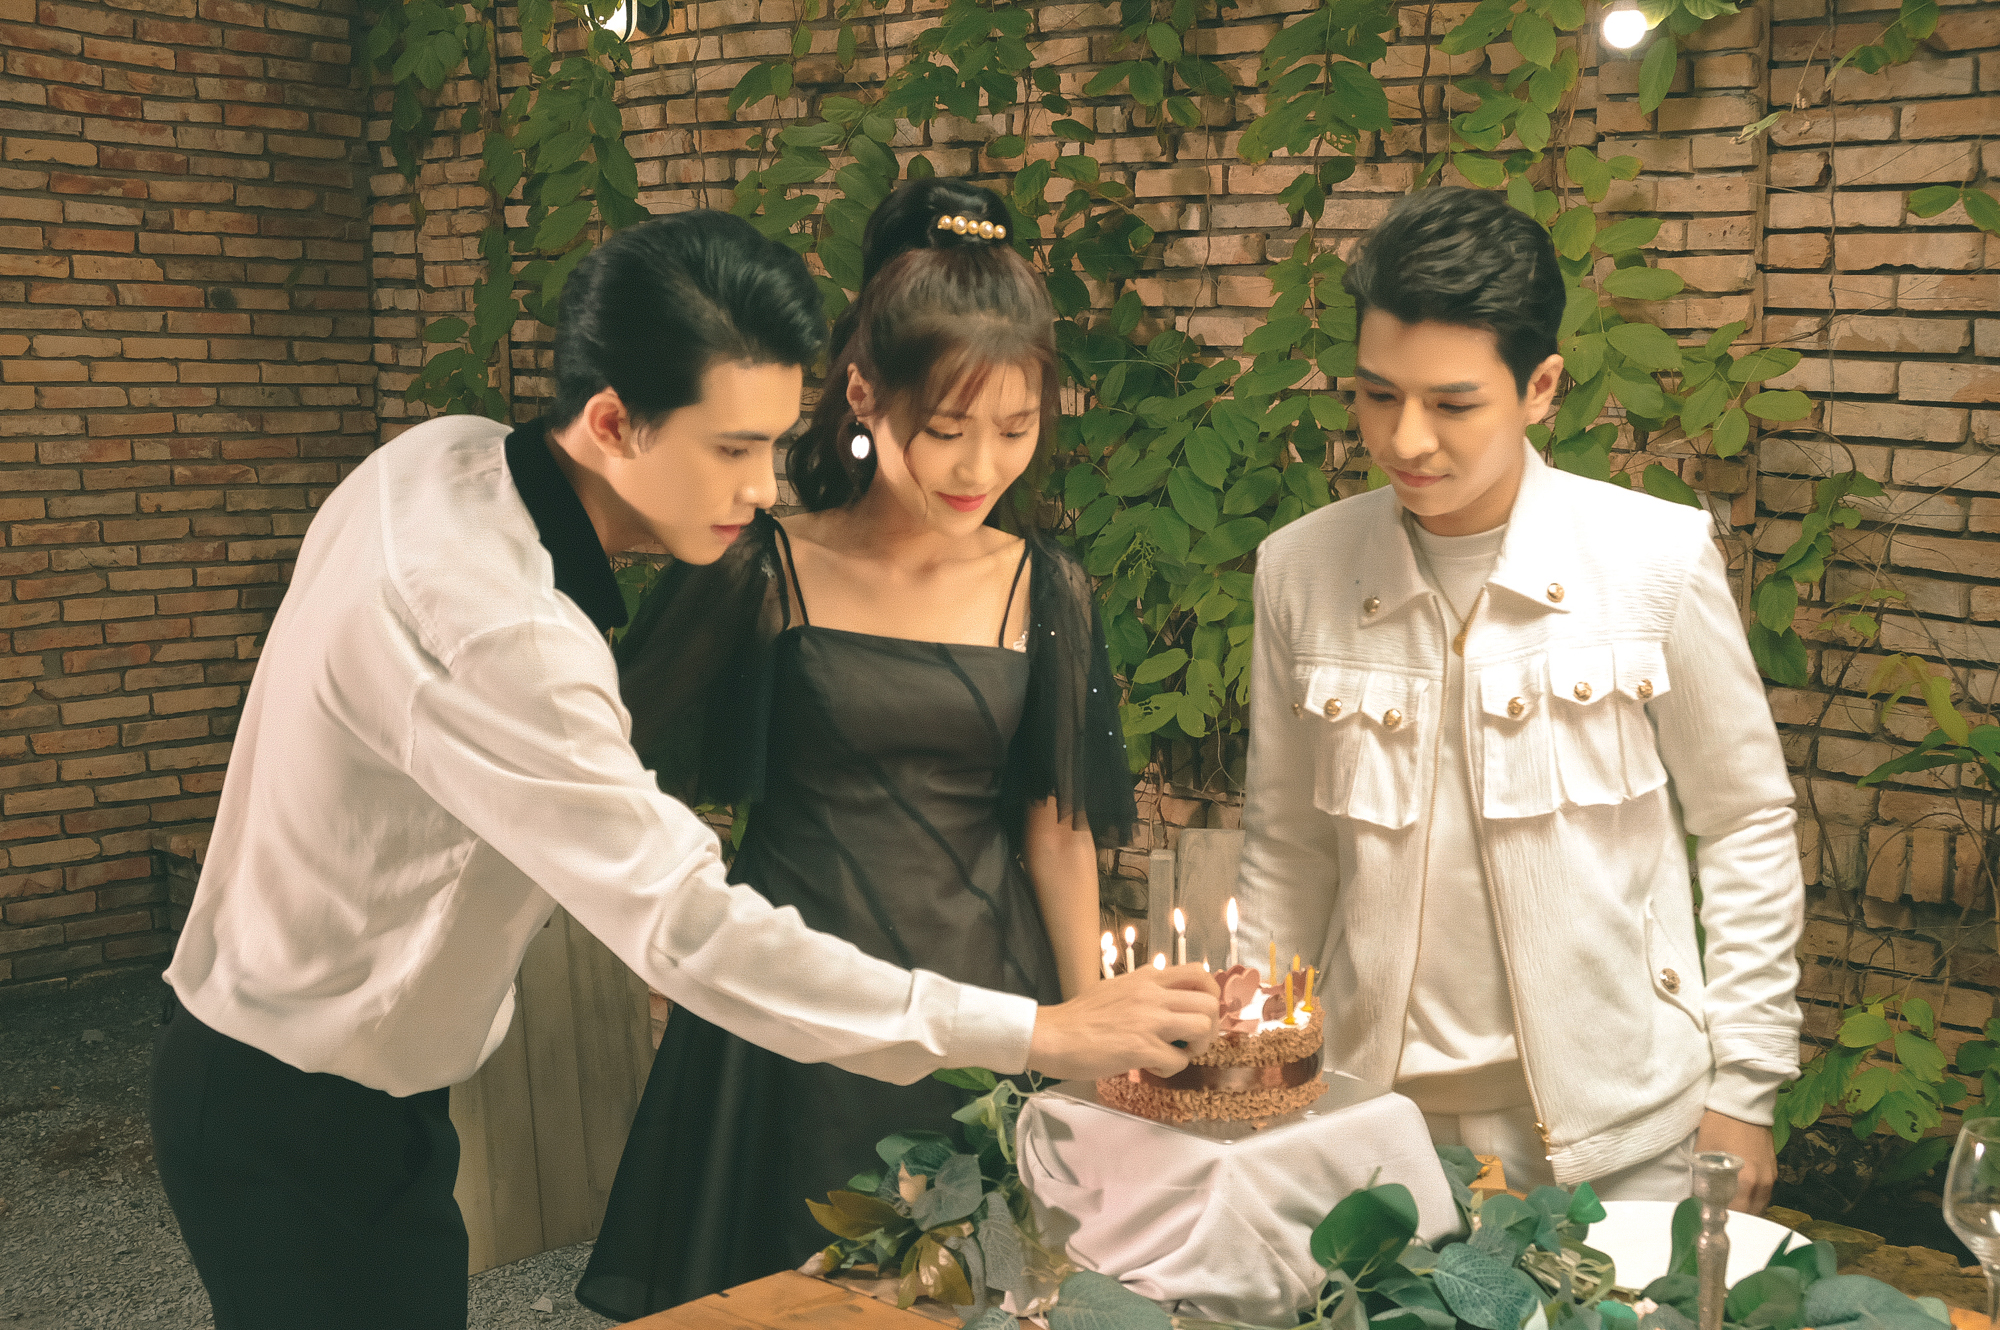 Đỗ Hiếu ra mắt music video đầu tay đi hát sau khi  rời công ty Đông Nhi – Ông Cao Thắng